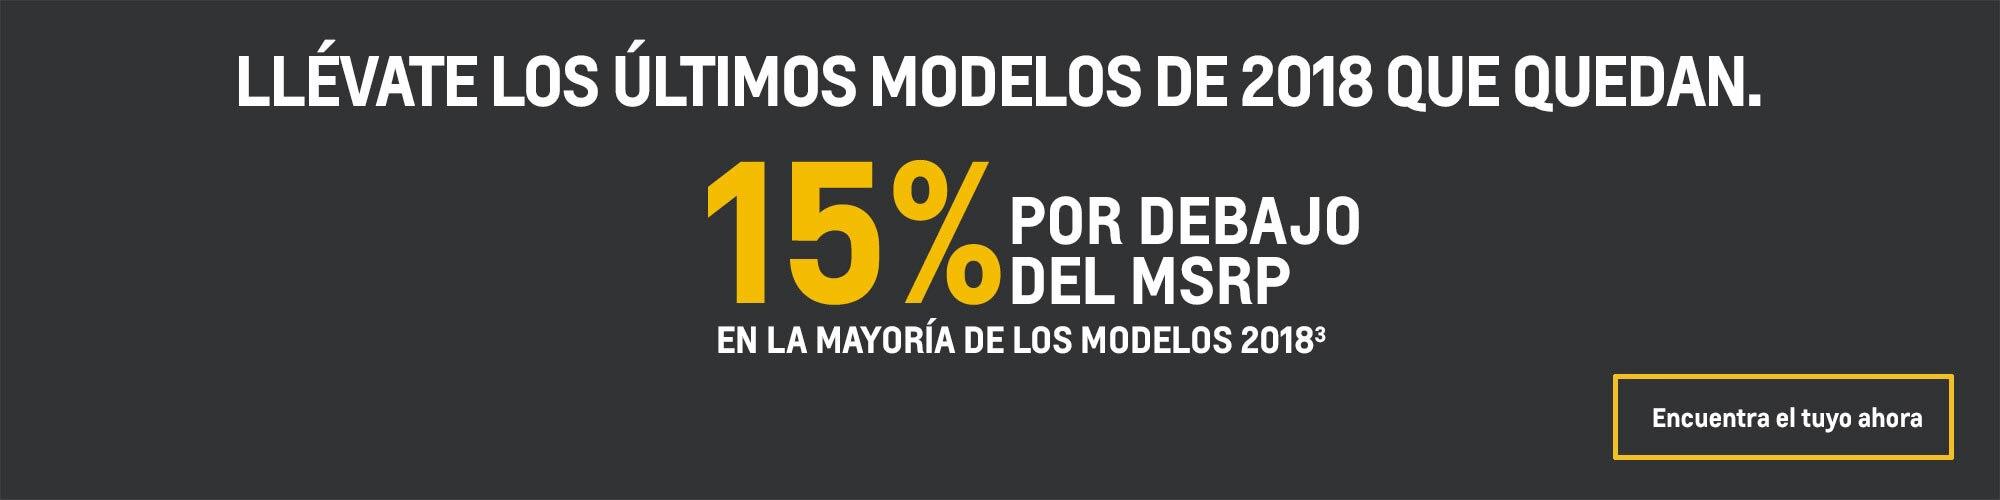 Chevrolet Camaro 2018: 15% por debajo del MSRP